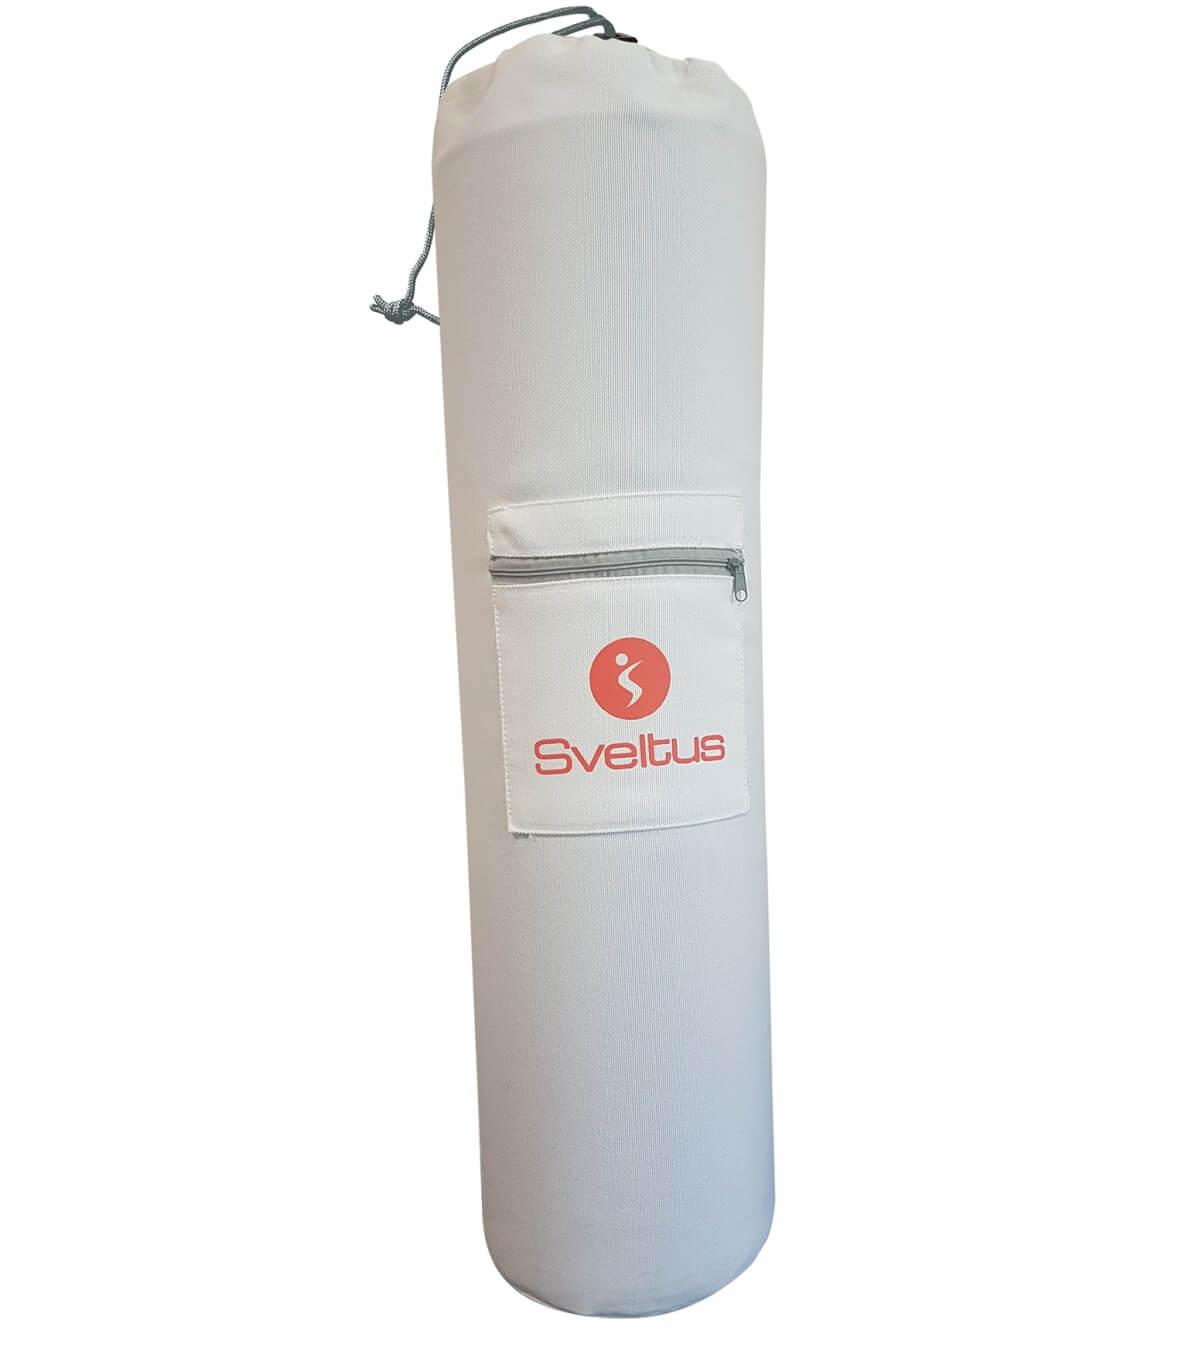 75 cm ou 90 cm de large Surya Bag Cotton Grand sac de yoga pour tapis de yoga en laine vierge 100 /% coton Aubergine Taille XL pour tapis de yoga de 60 cm